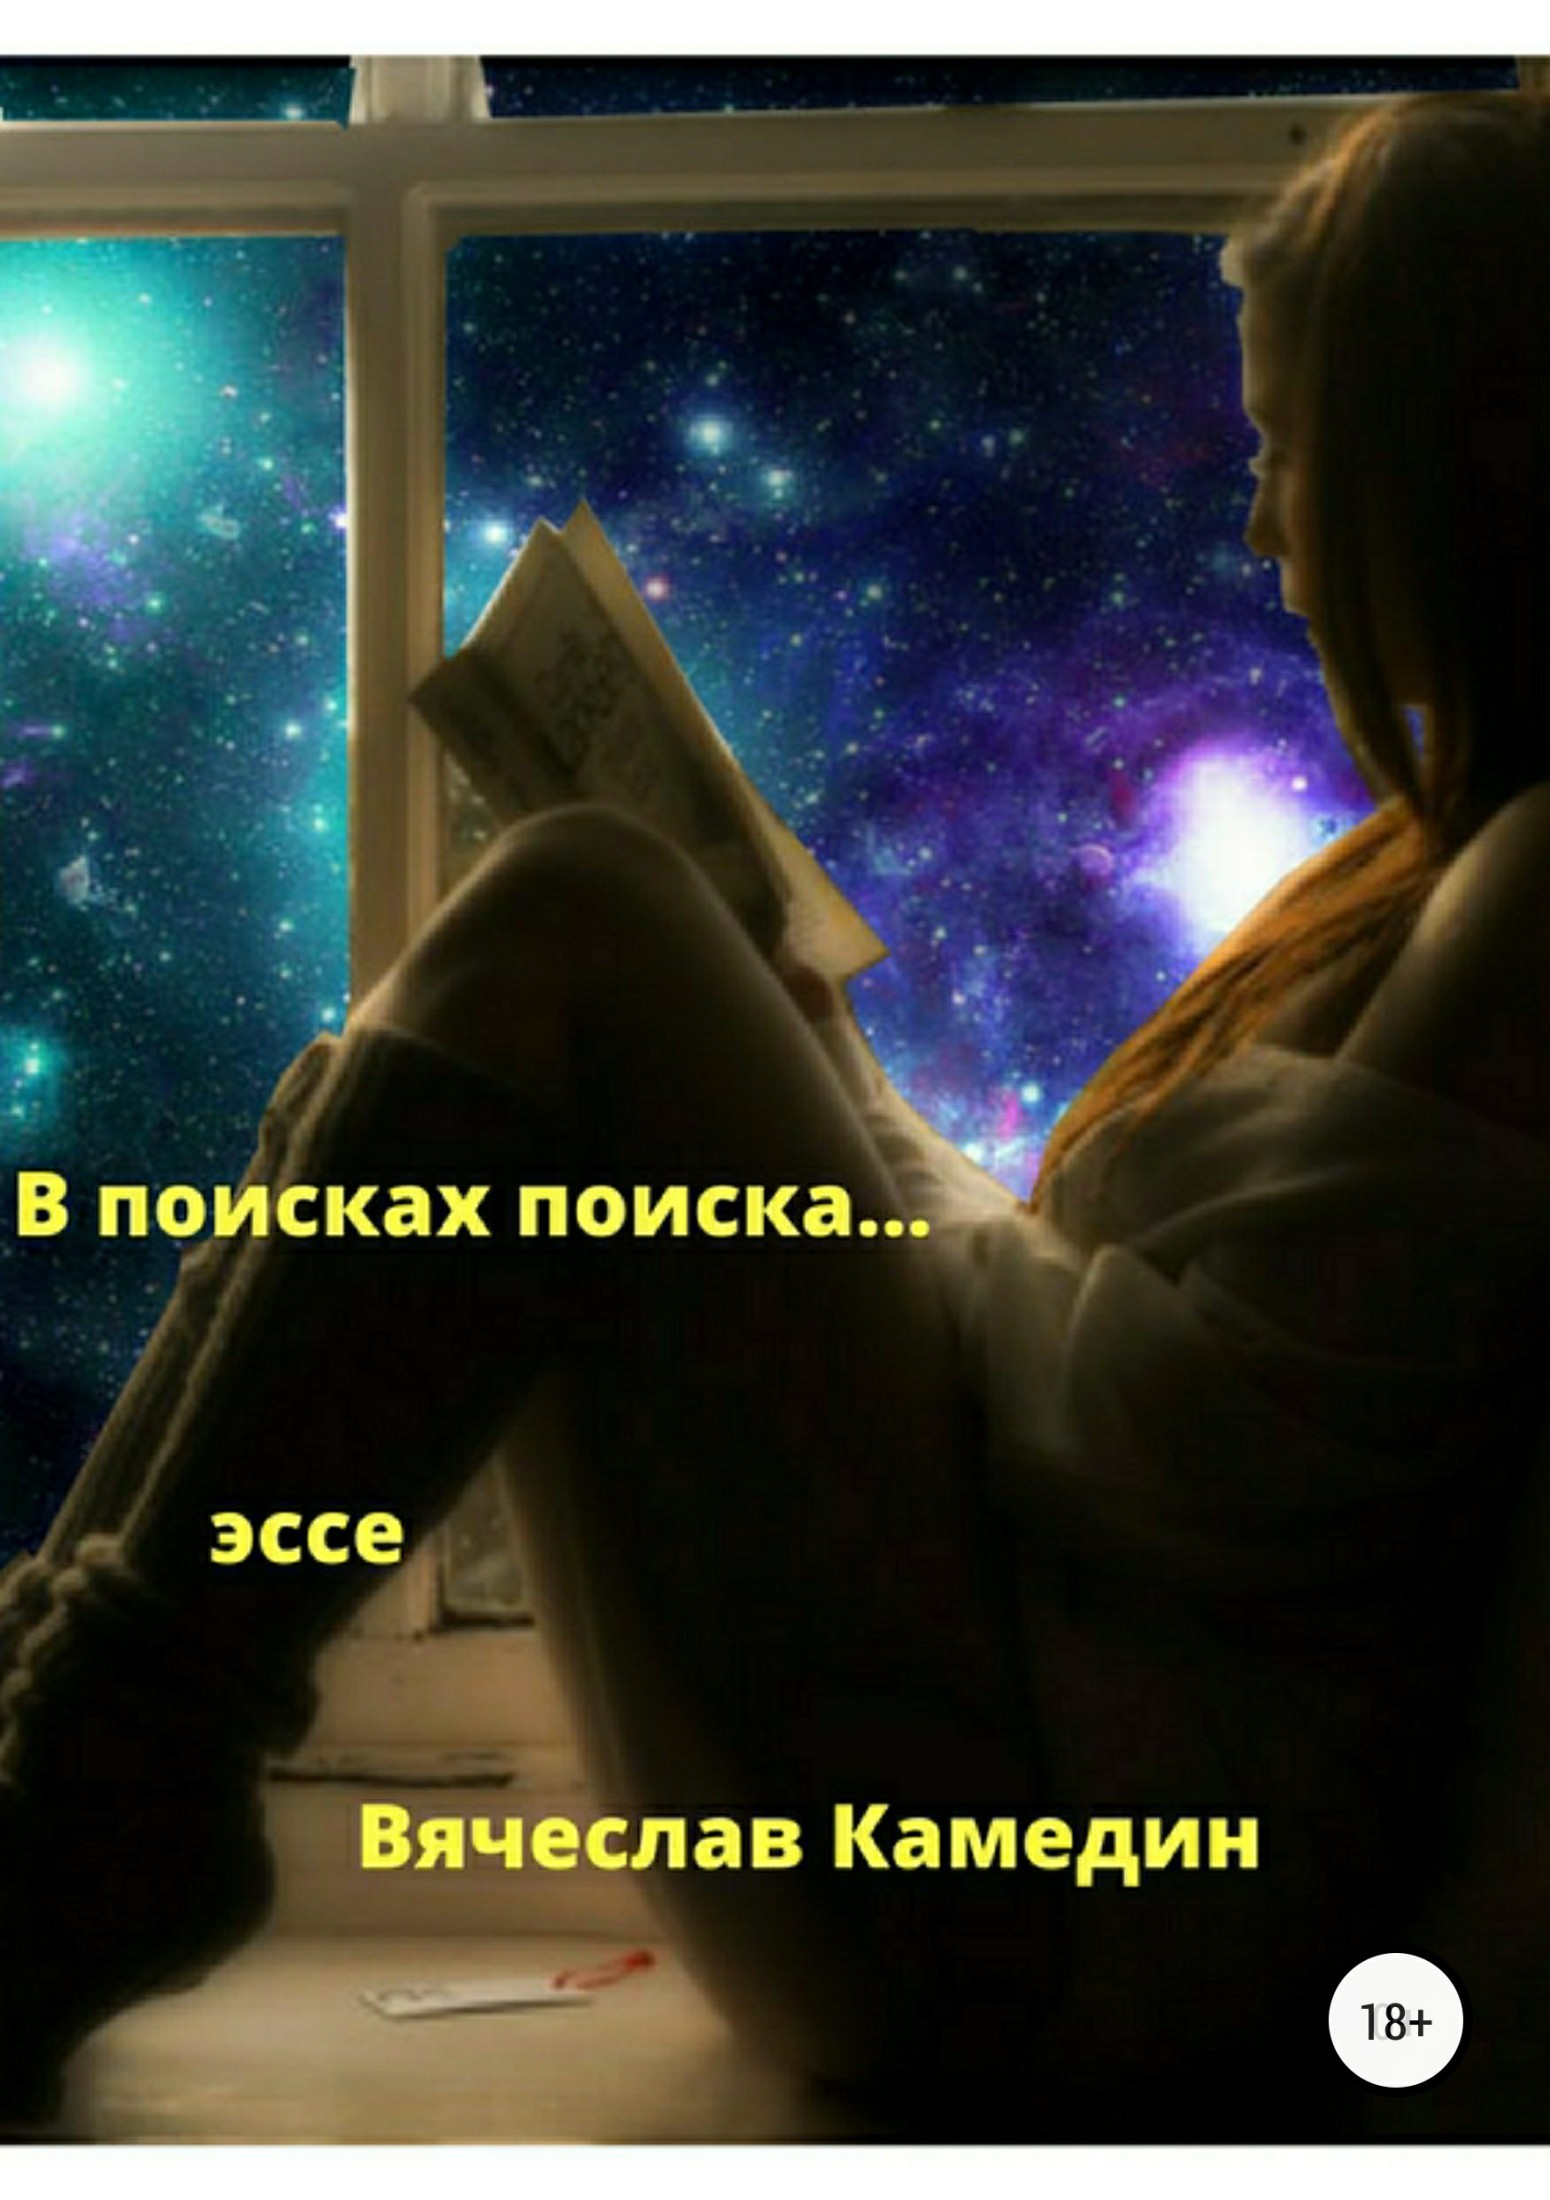 Вячеслав Владимирович Камедин. В поиске поиска